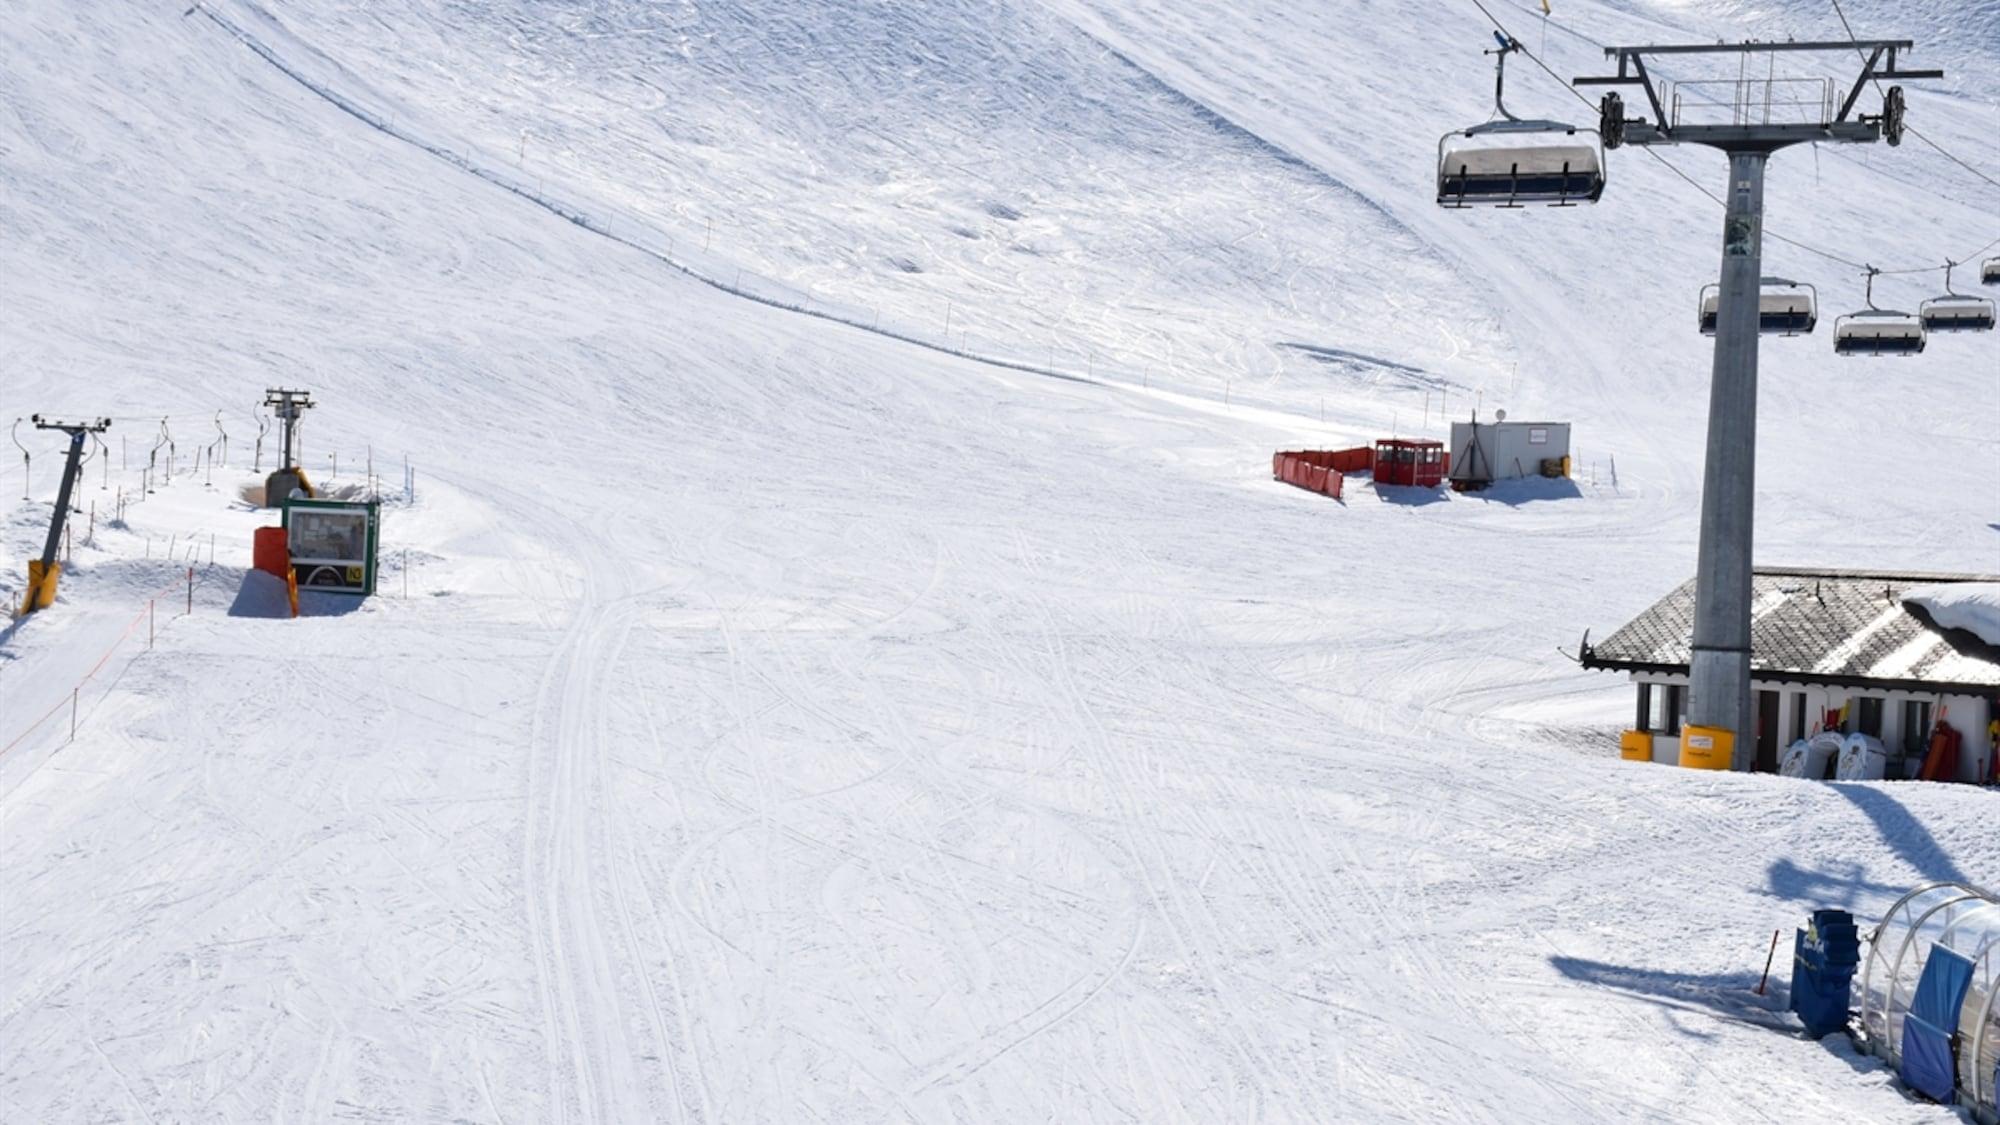 Unfall im Samnaun GR: Zwei Skifahrer krachen ineinander – schwer verletzt